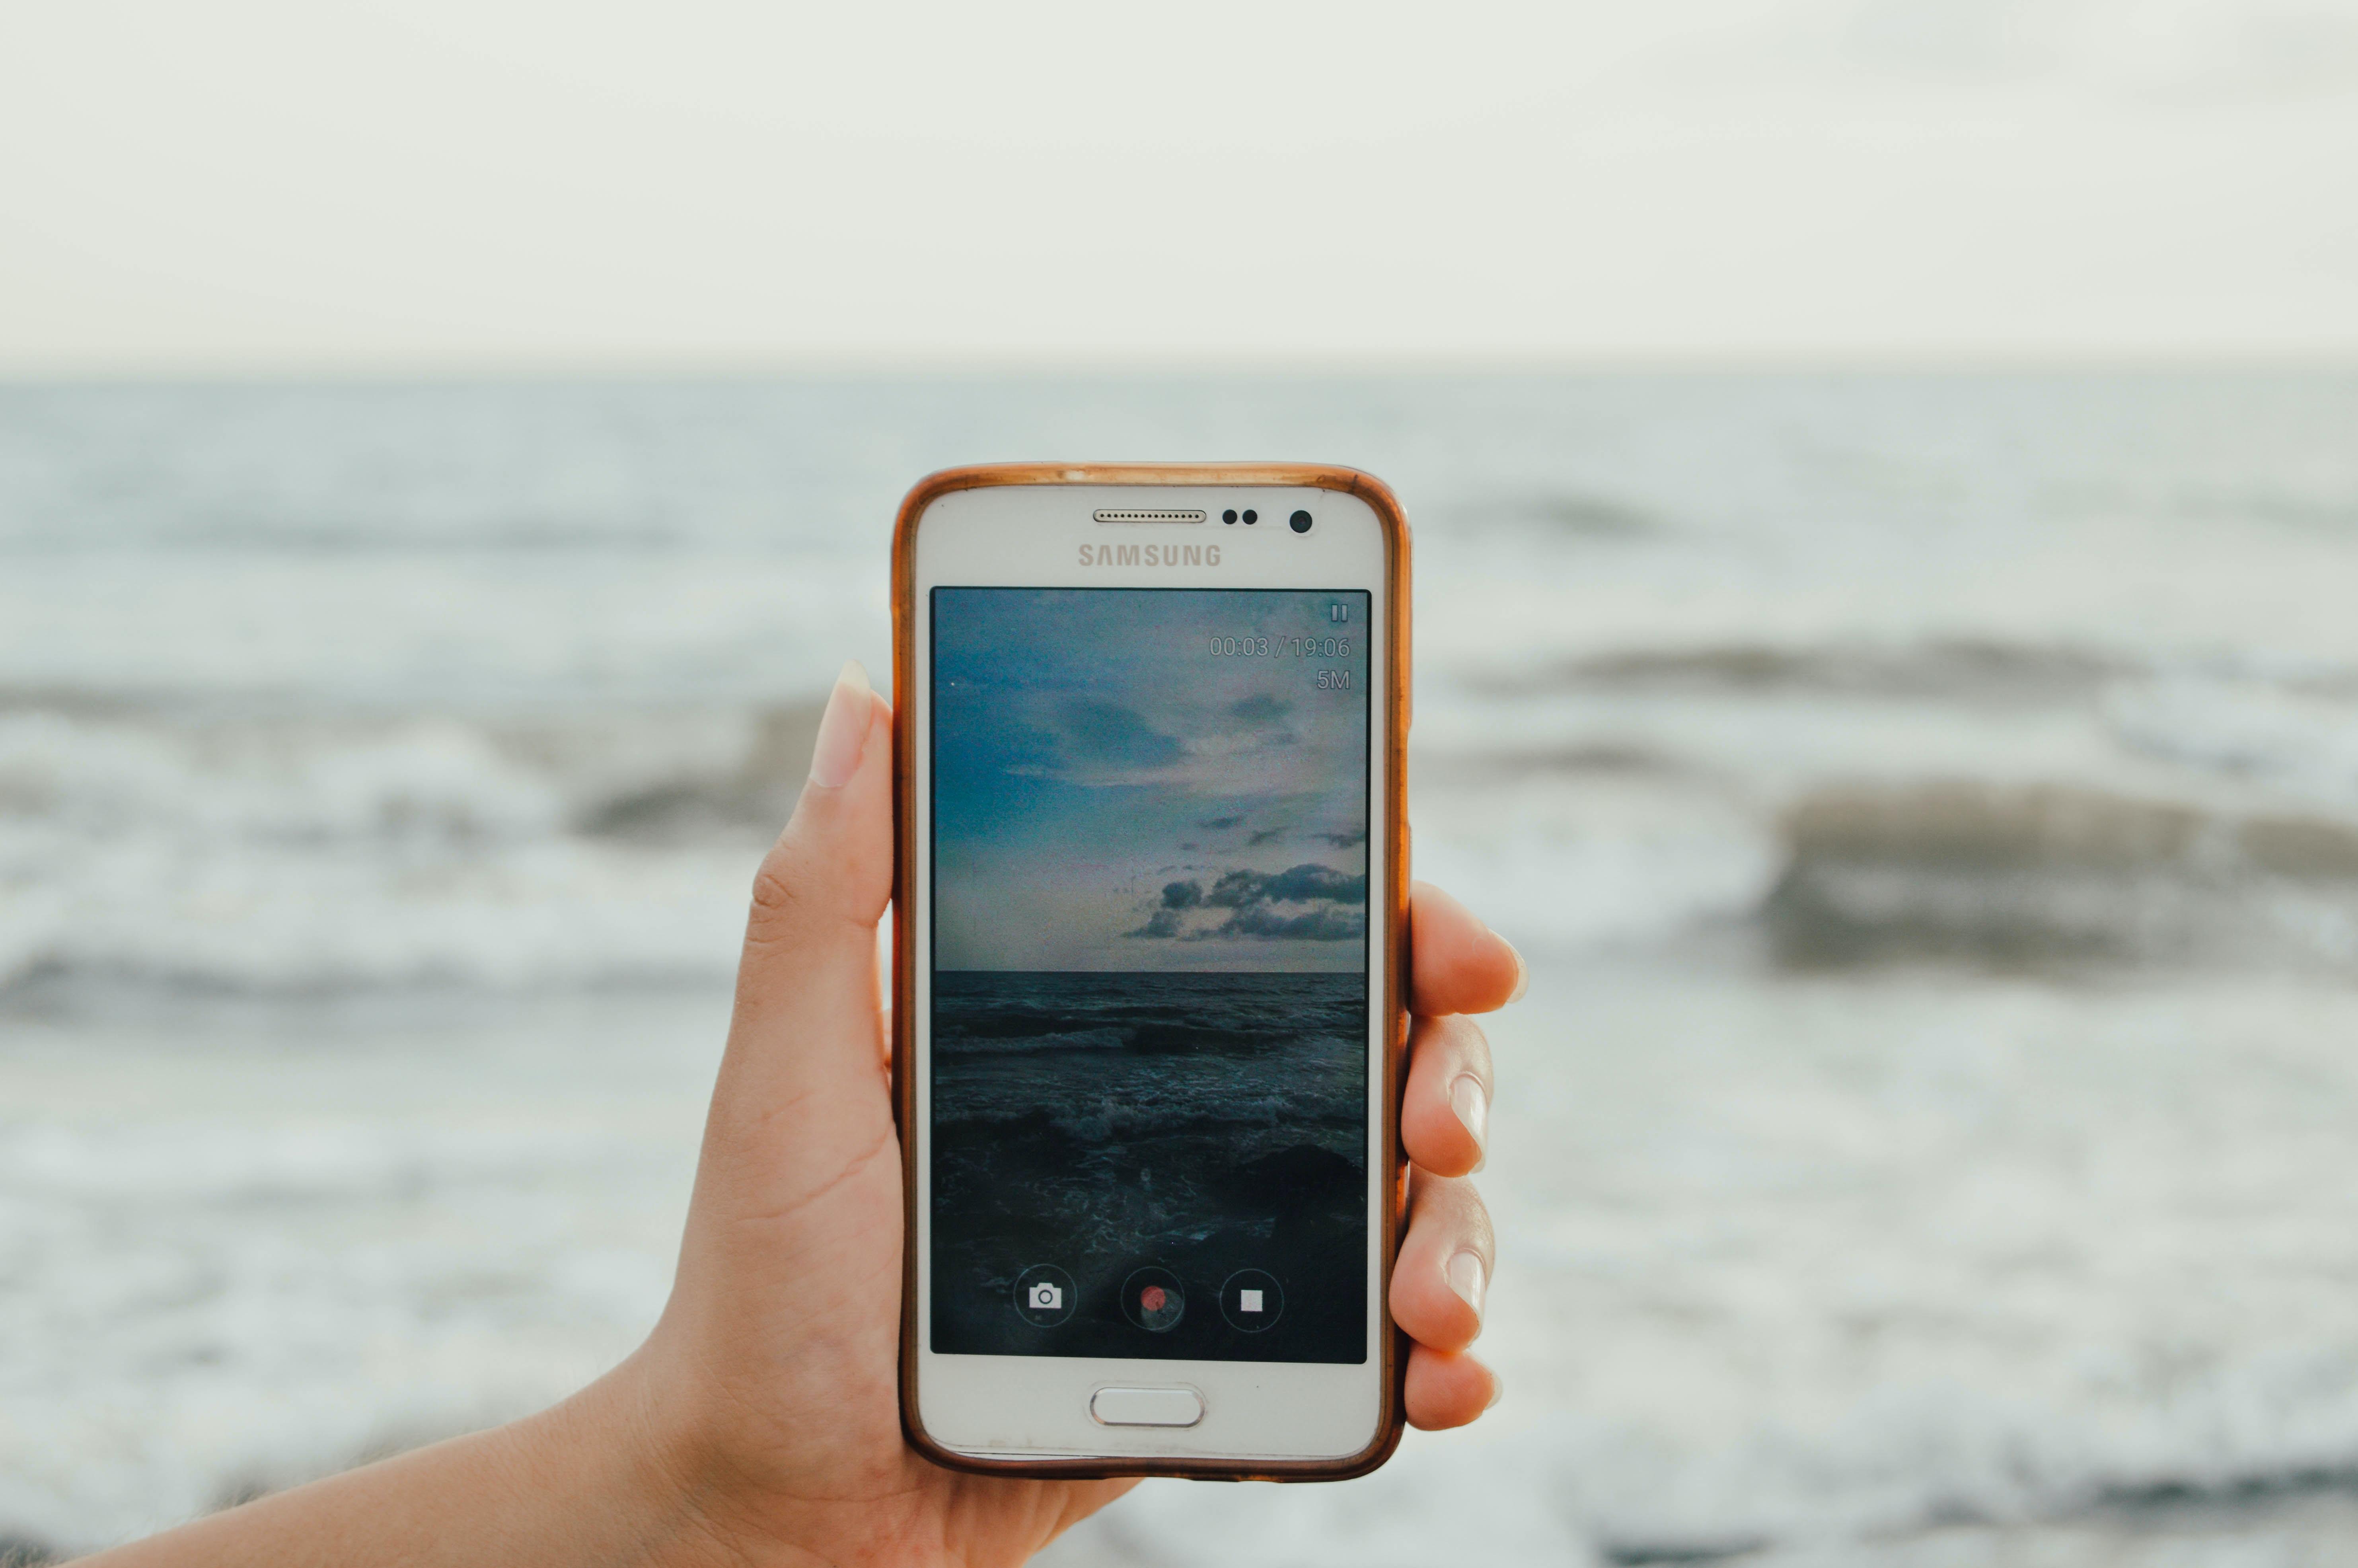 white Samsung Galaxy smartphone with orange case